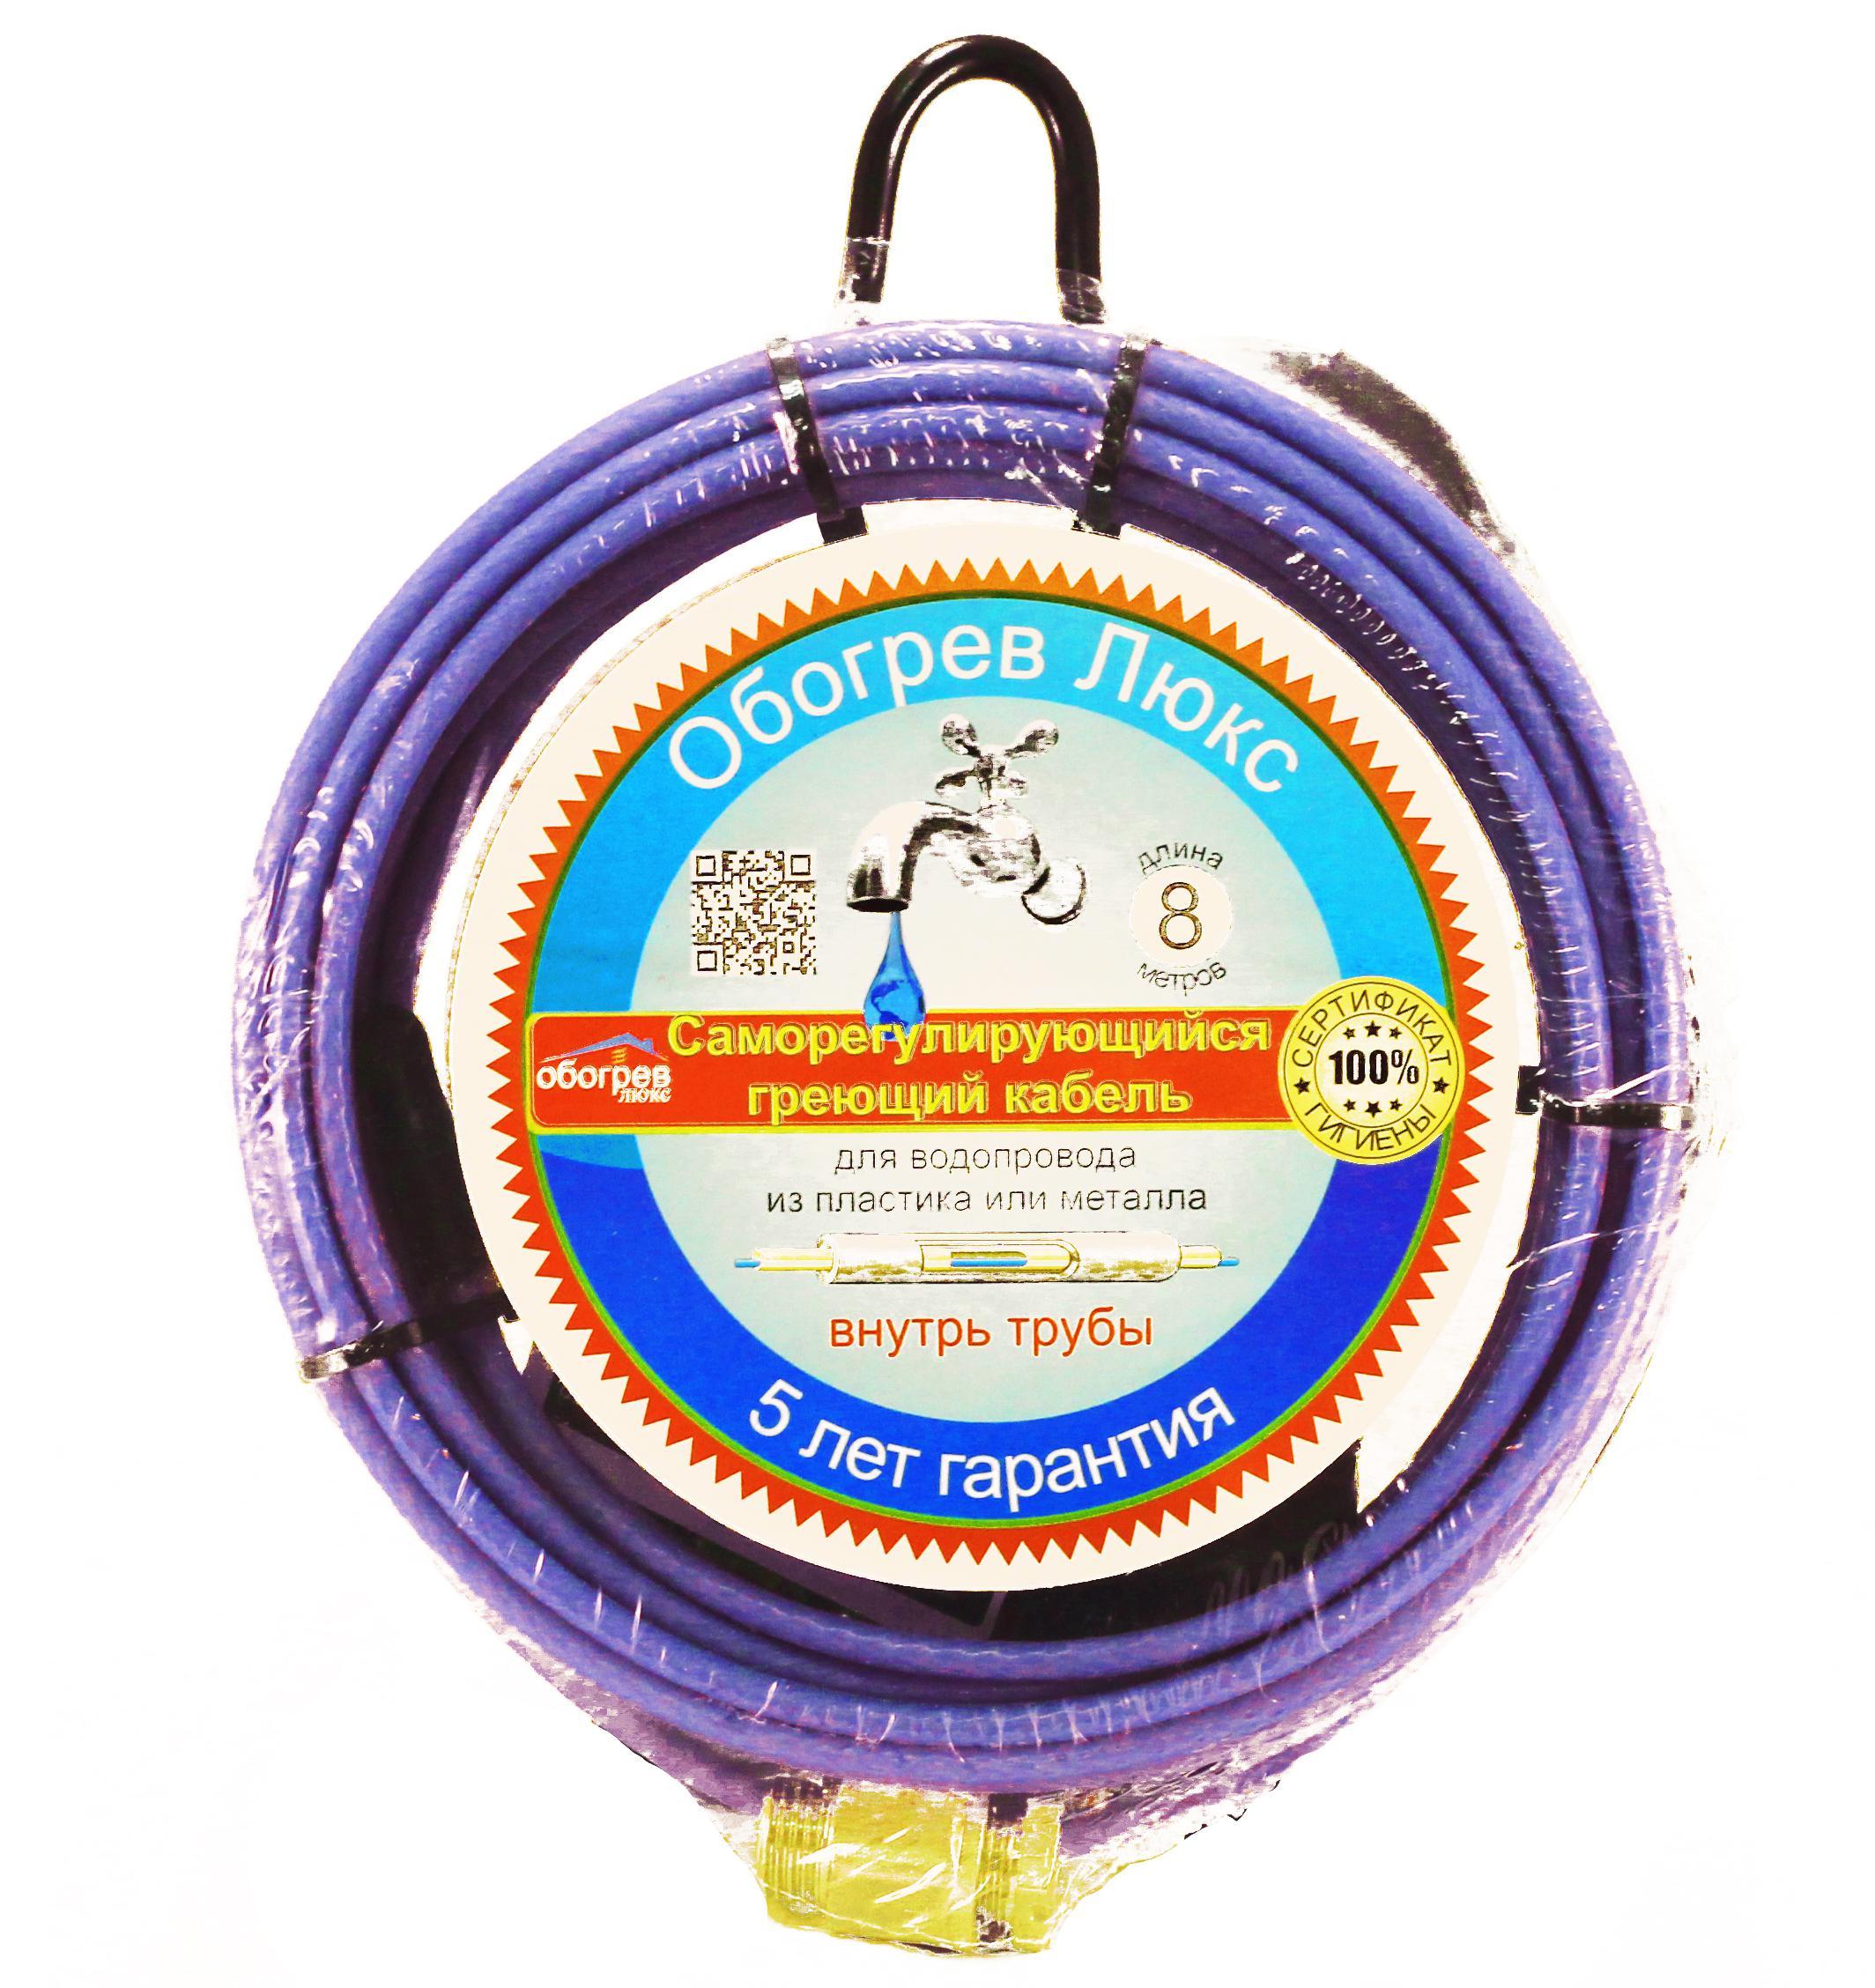 Греющий кабель ОБОГРЕВ ЛЮКС 3 м в трубу рейка открытого типа албес an 85a 3 м суперхром люкс